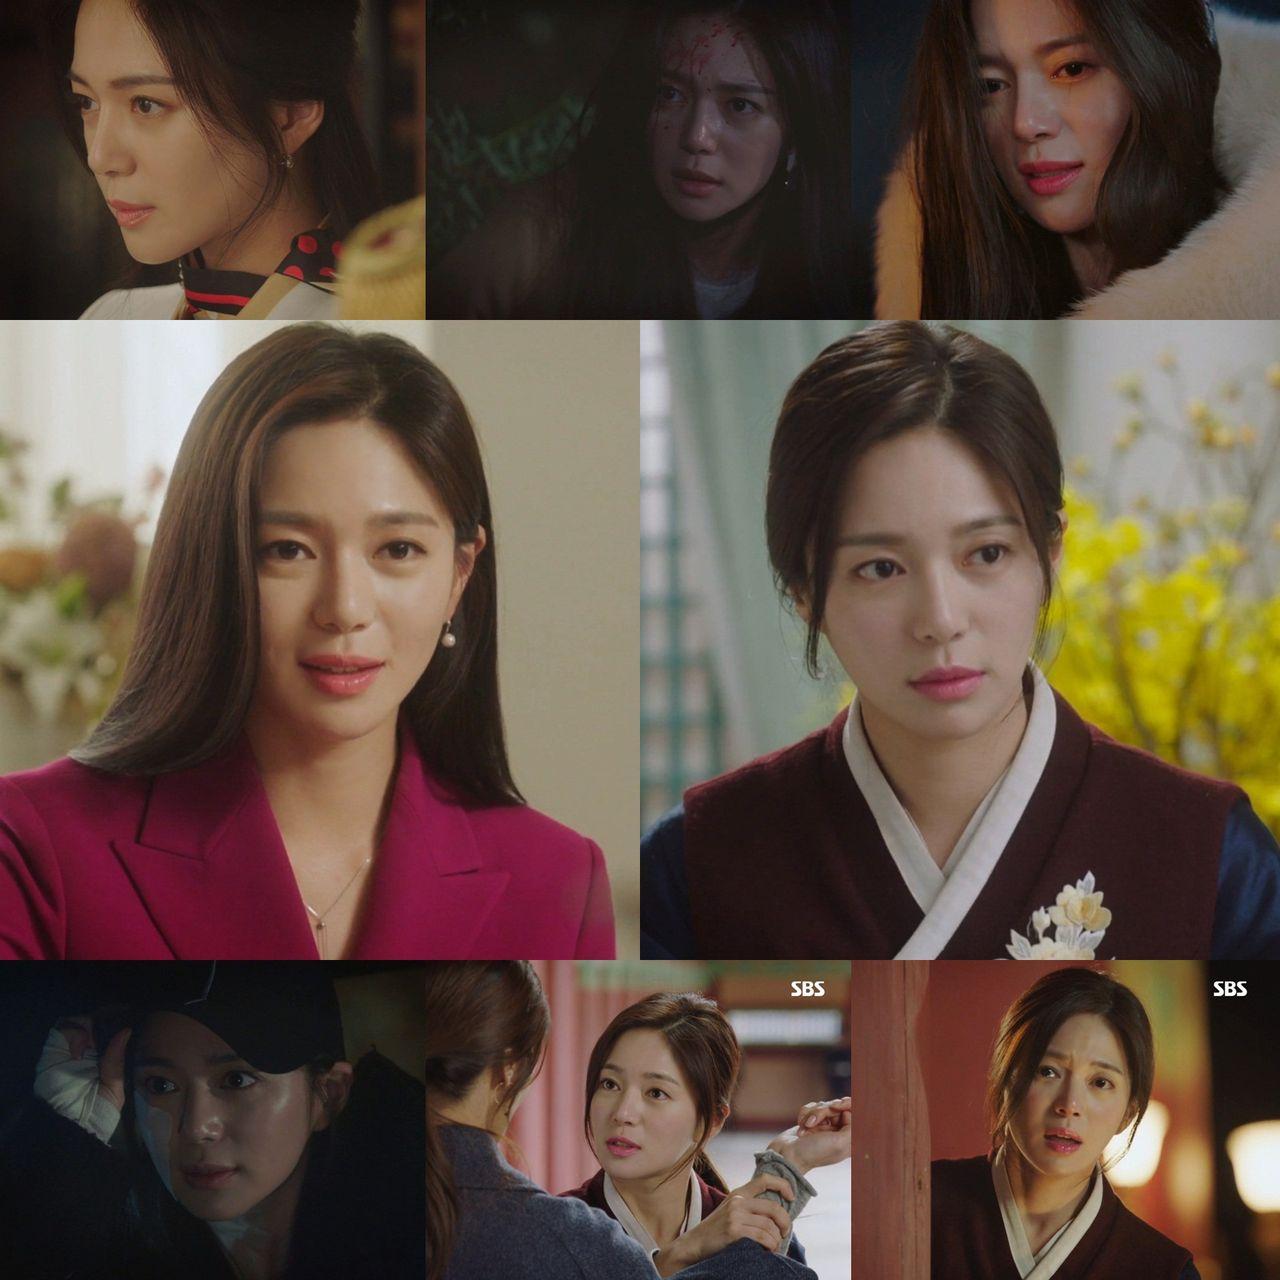 황후의품격' 이엘리야가 보여준 '악녀의 변주' | SBS 연예뉴스